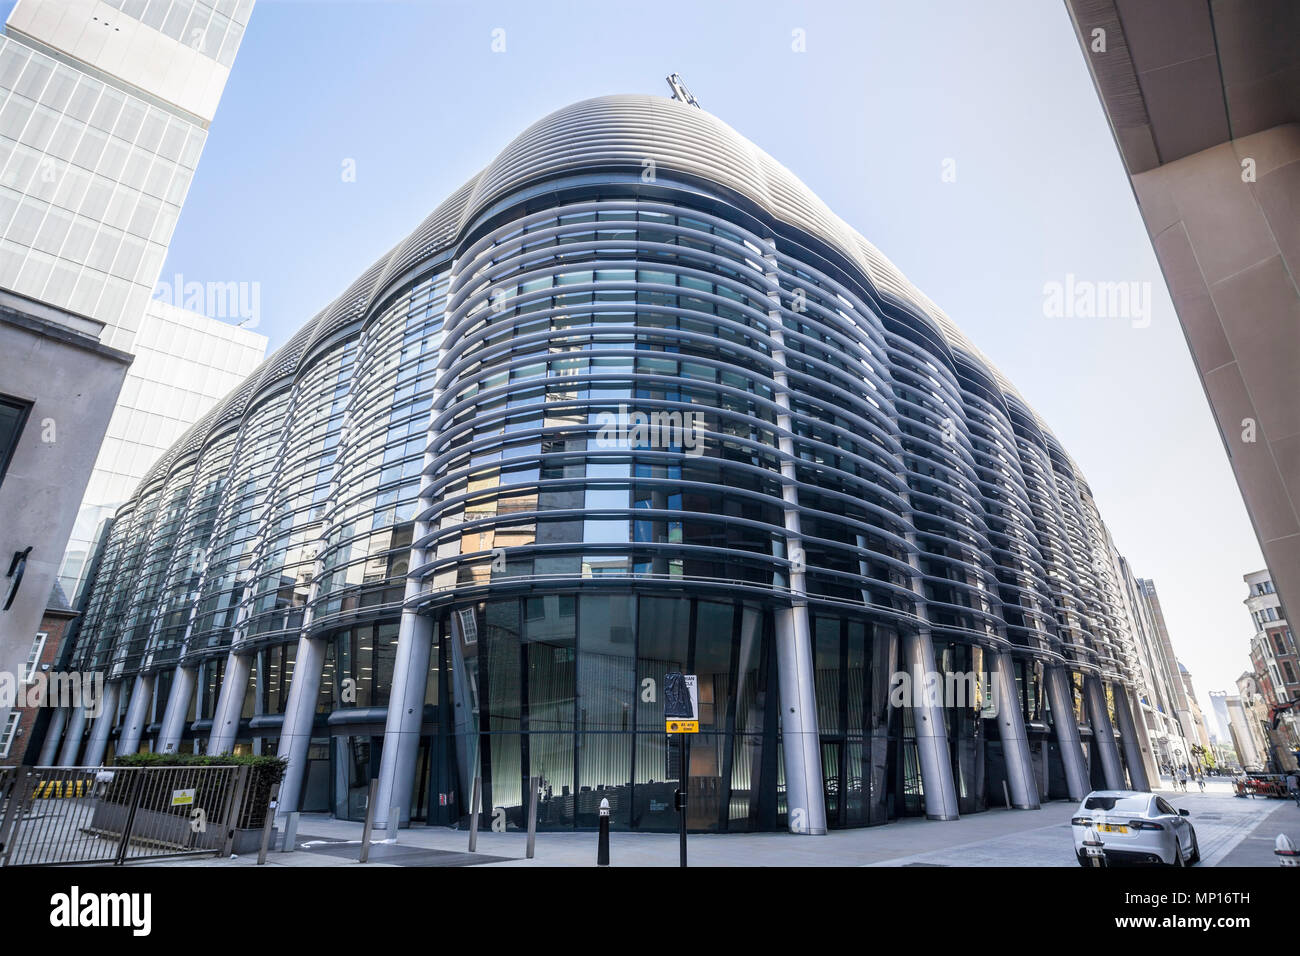 El edificio Walbrook en Londres Imagen De Stock